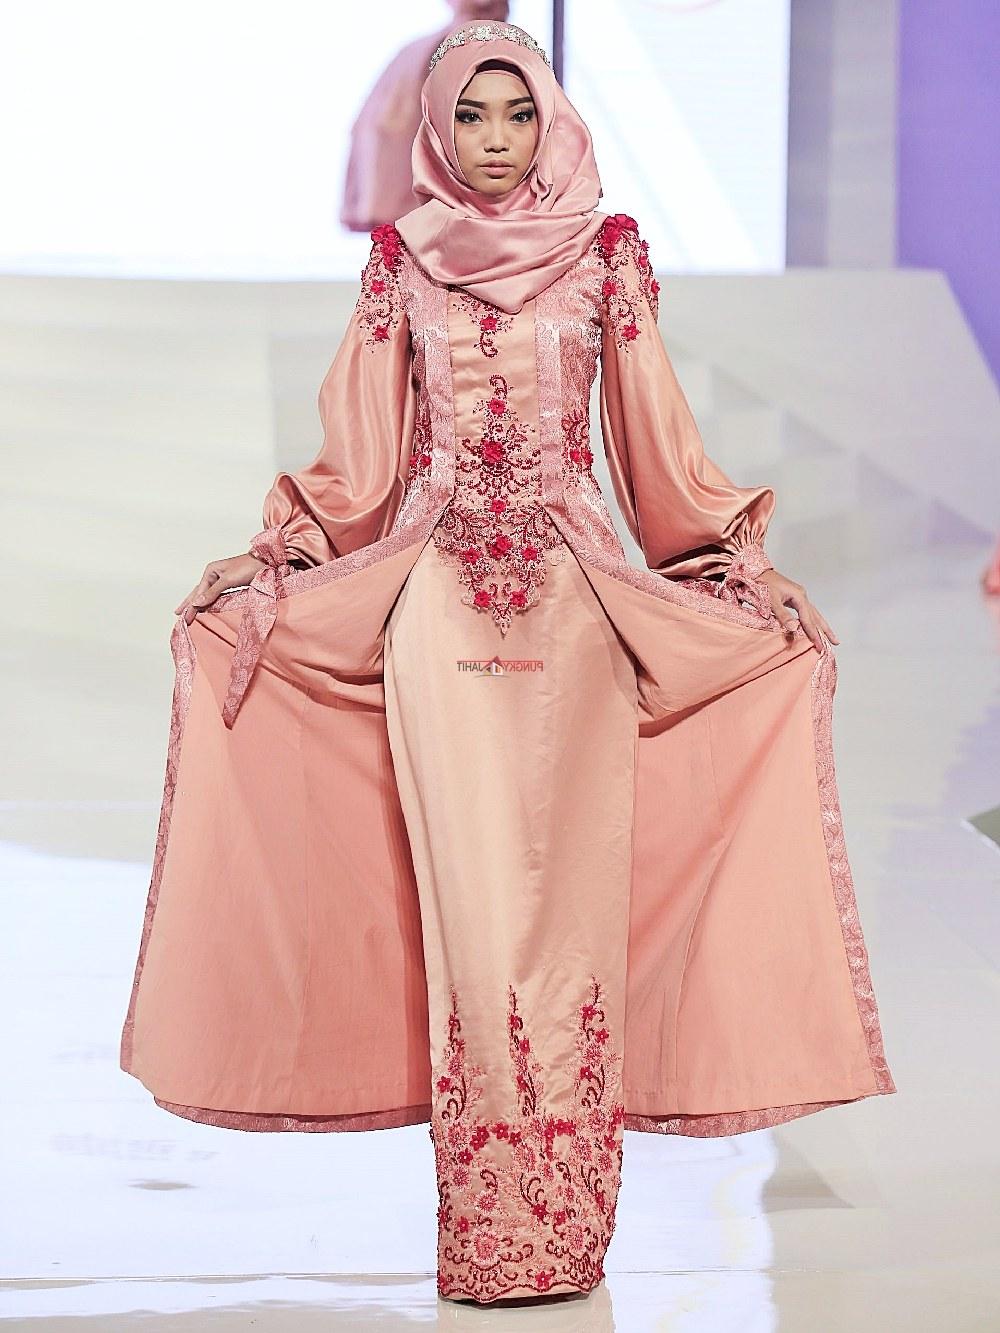 Bentuk Sewa Gaun Pengantin Muslimah Ftd8 Sewa Perdana Baju Pengantin Muslimah Jogja Gaun Pengantin